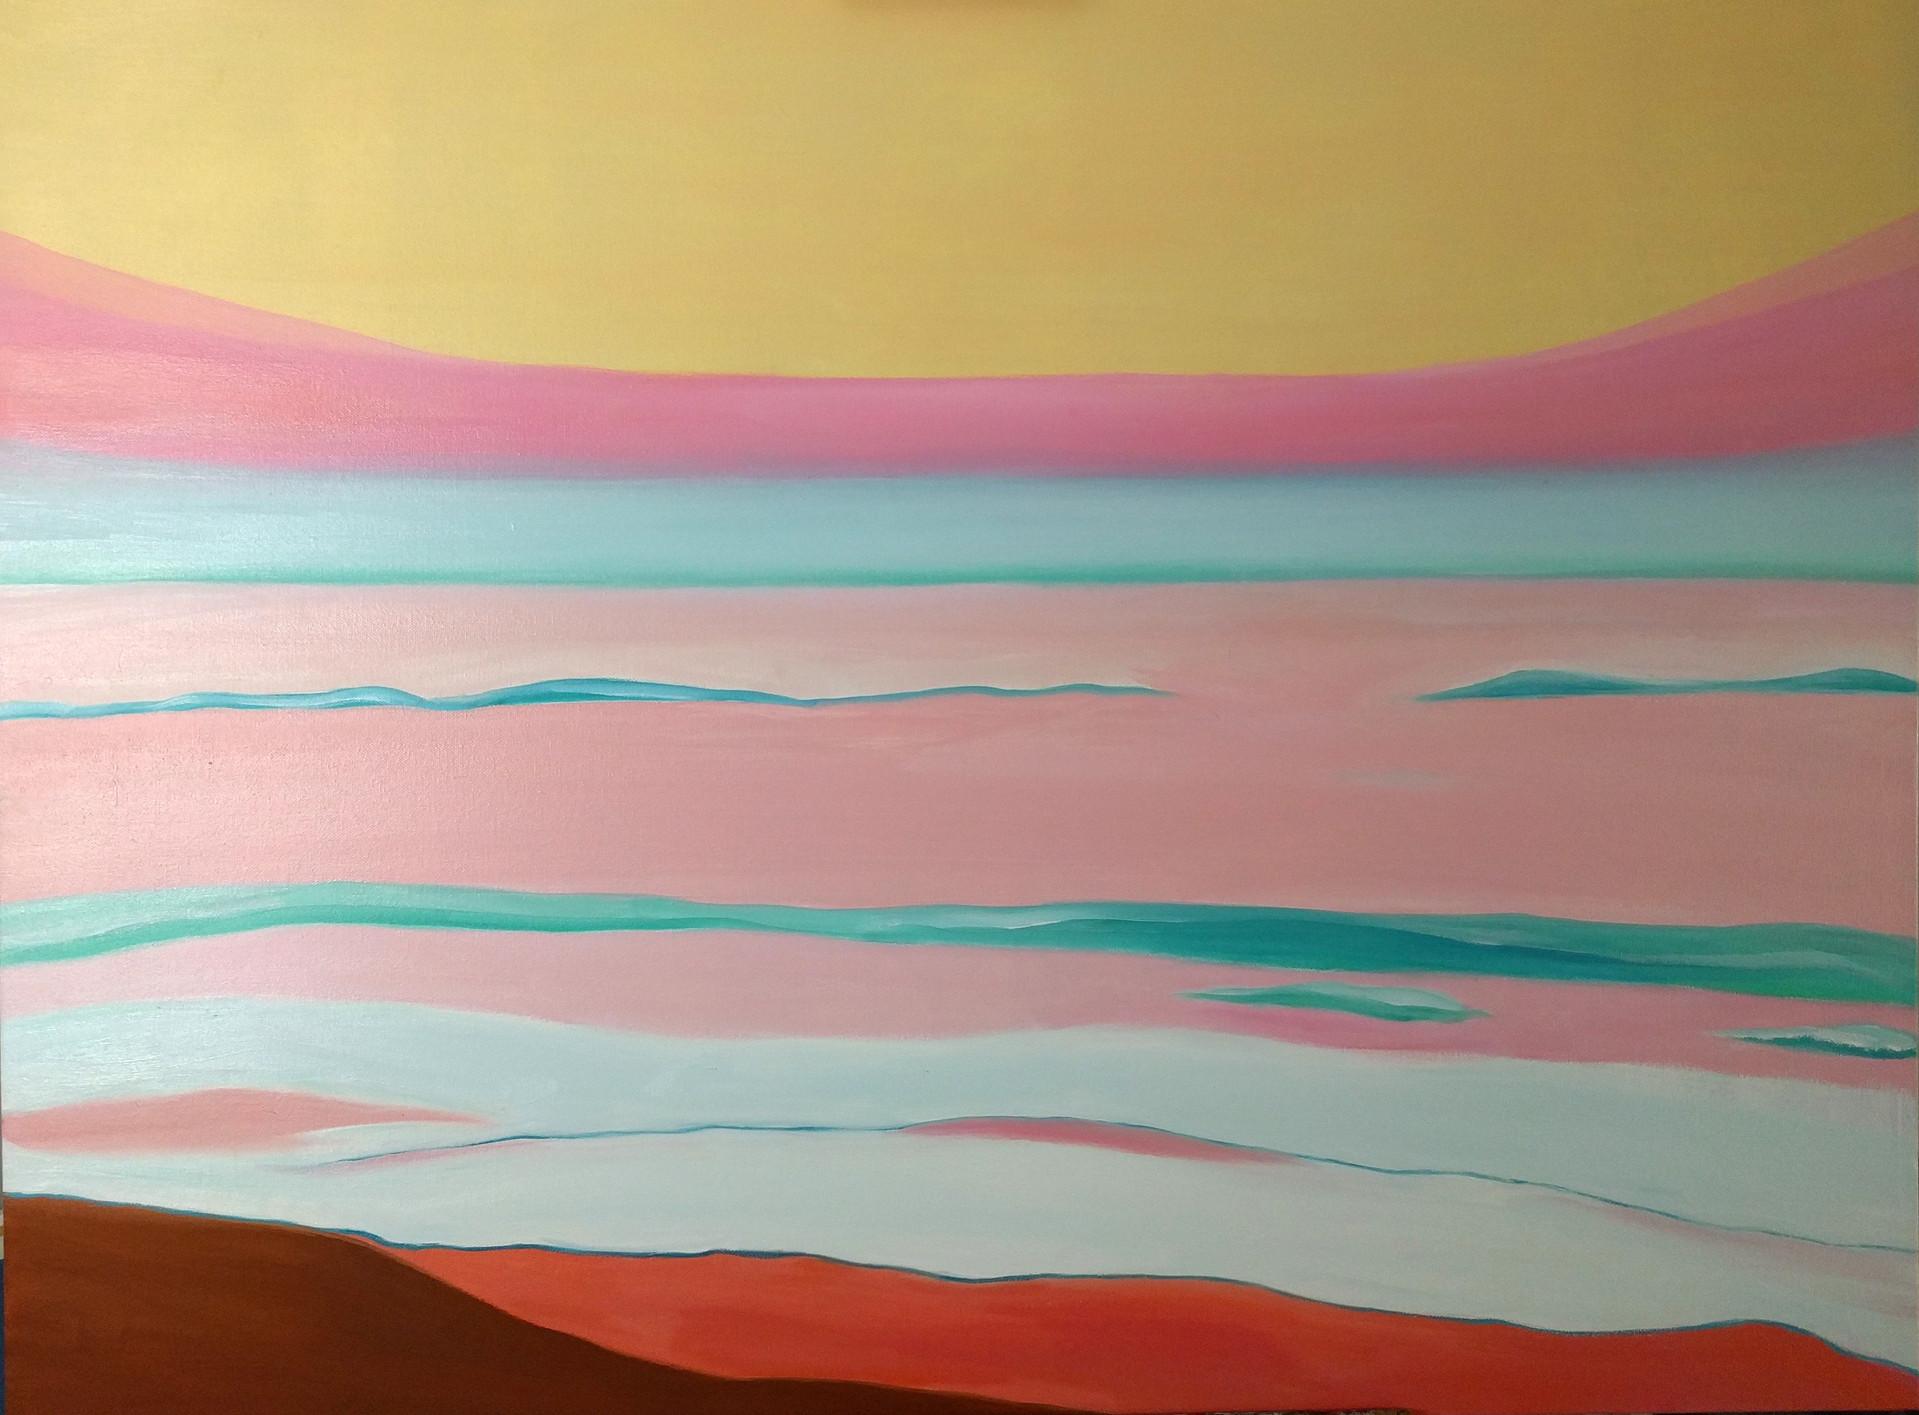 pink air